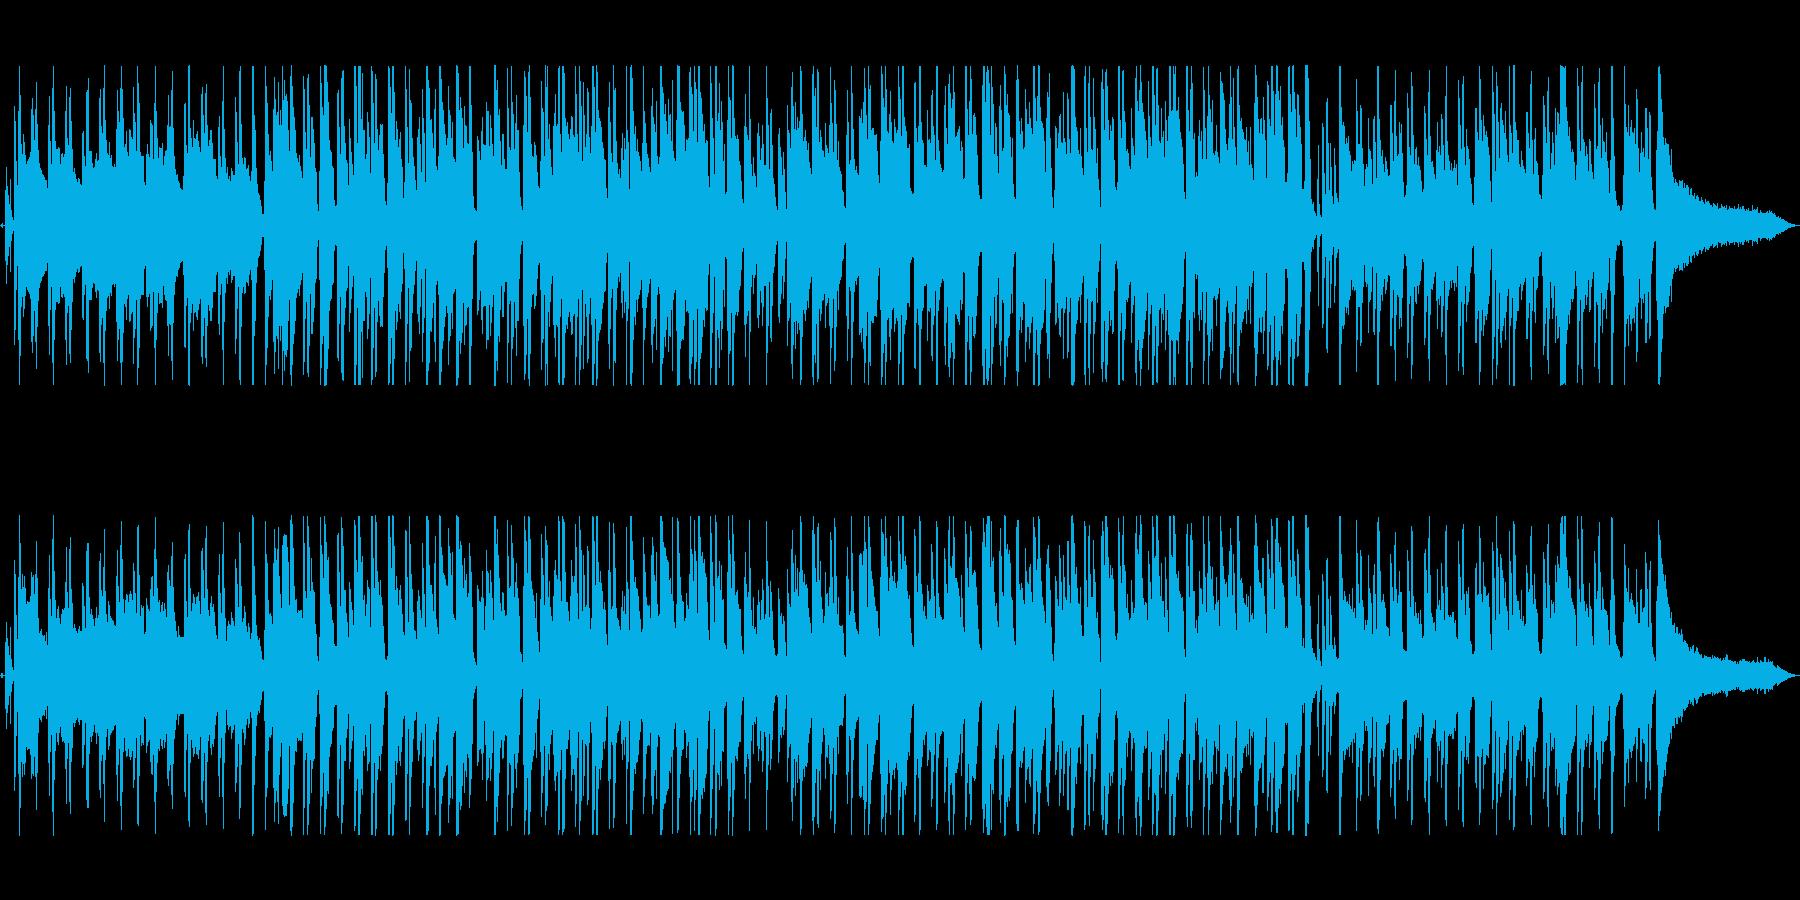 明るくおしゃれな曲調のボサノバの再生済みの波形